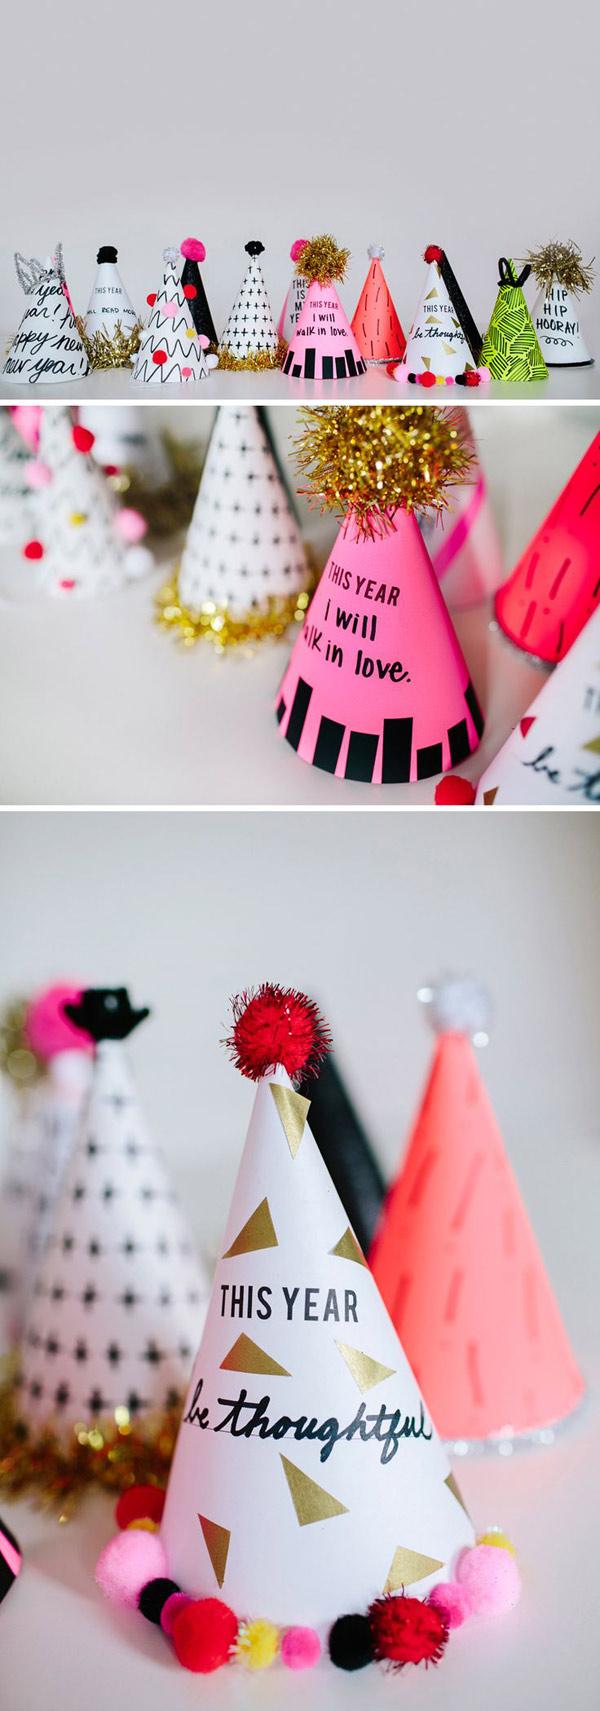 Ideas DIY para celebrar el año nuevo: gorros de papel